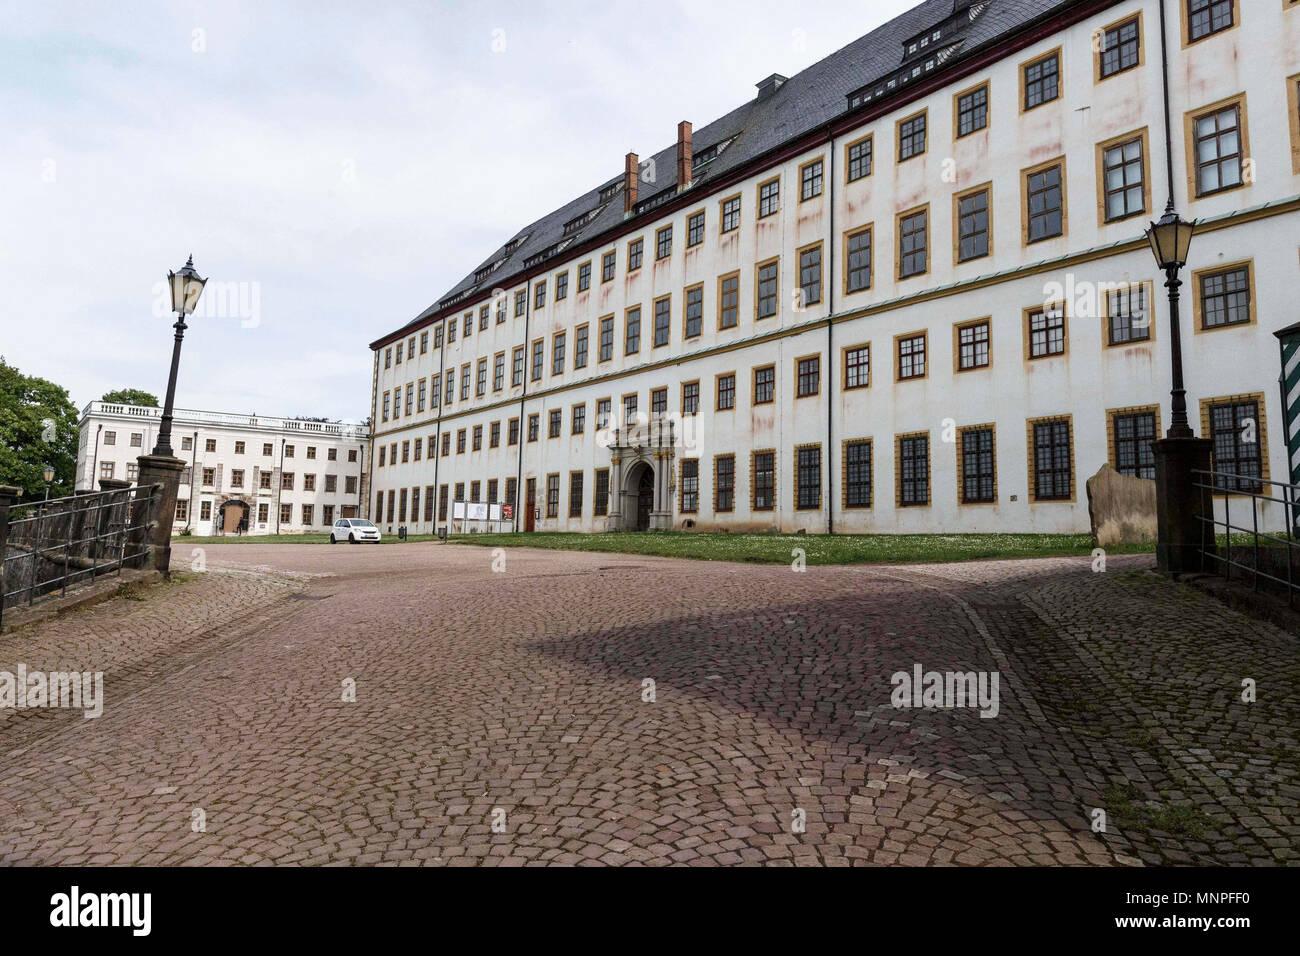 17 maggio 2018, Germania, Gotha: la sezione centrale del palazzo Friedenstein. Friedenstein Palace è uno dei meglio conservati monumenti architettonici dal barocco. Ernest I, Duca di Sax-Gotha a Gotha (1601 - 1675), costruito la residenza tra 1643 e 1654. Questo anno il Palace Days si svolgerà dal 18 al 21 maggio 2018. Foto: Carsten Koall/dpa Immagini Stock